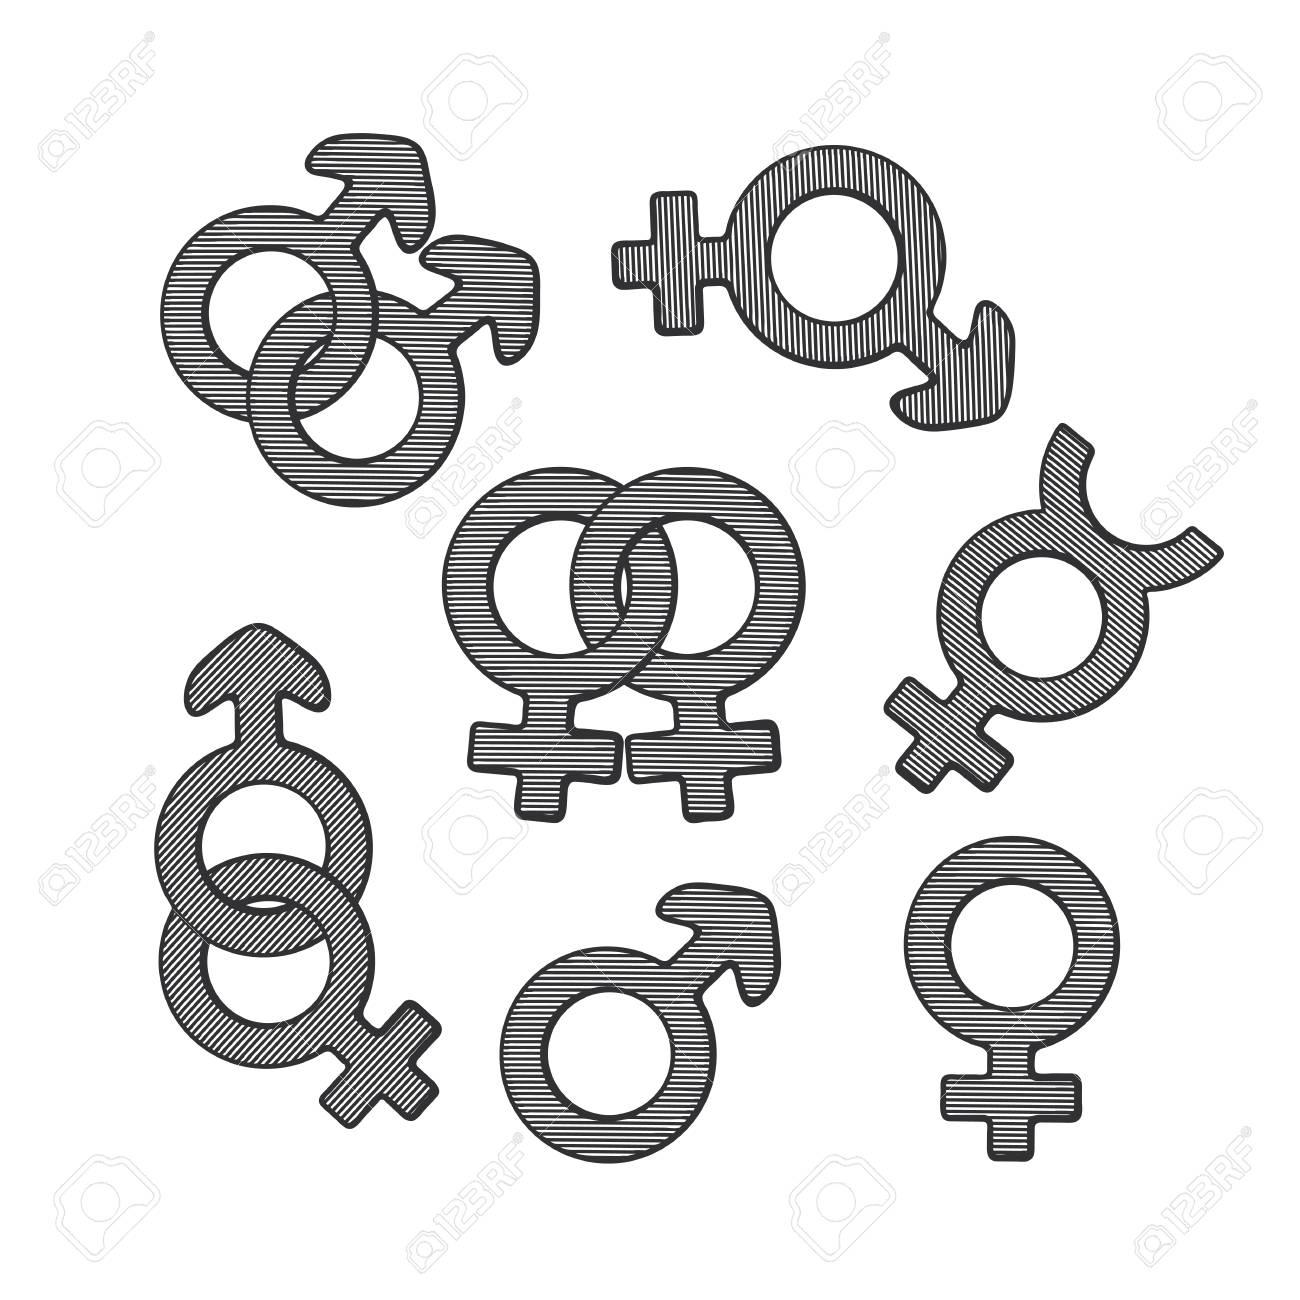 Symbols for gender images symbol and sign ideas symbols for gender choice image symbol and sign ideas vector illustration hand drawn sketch of gender buycottarizona